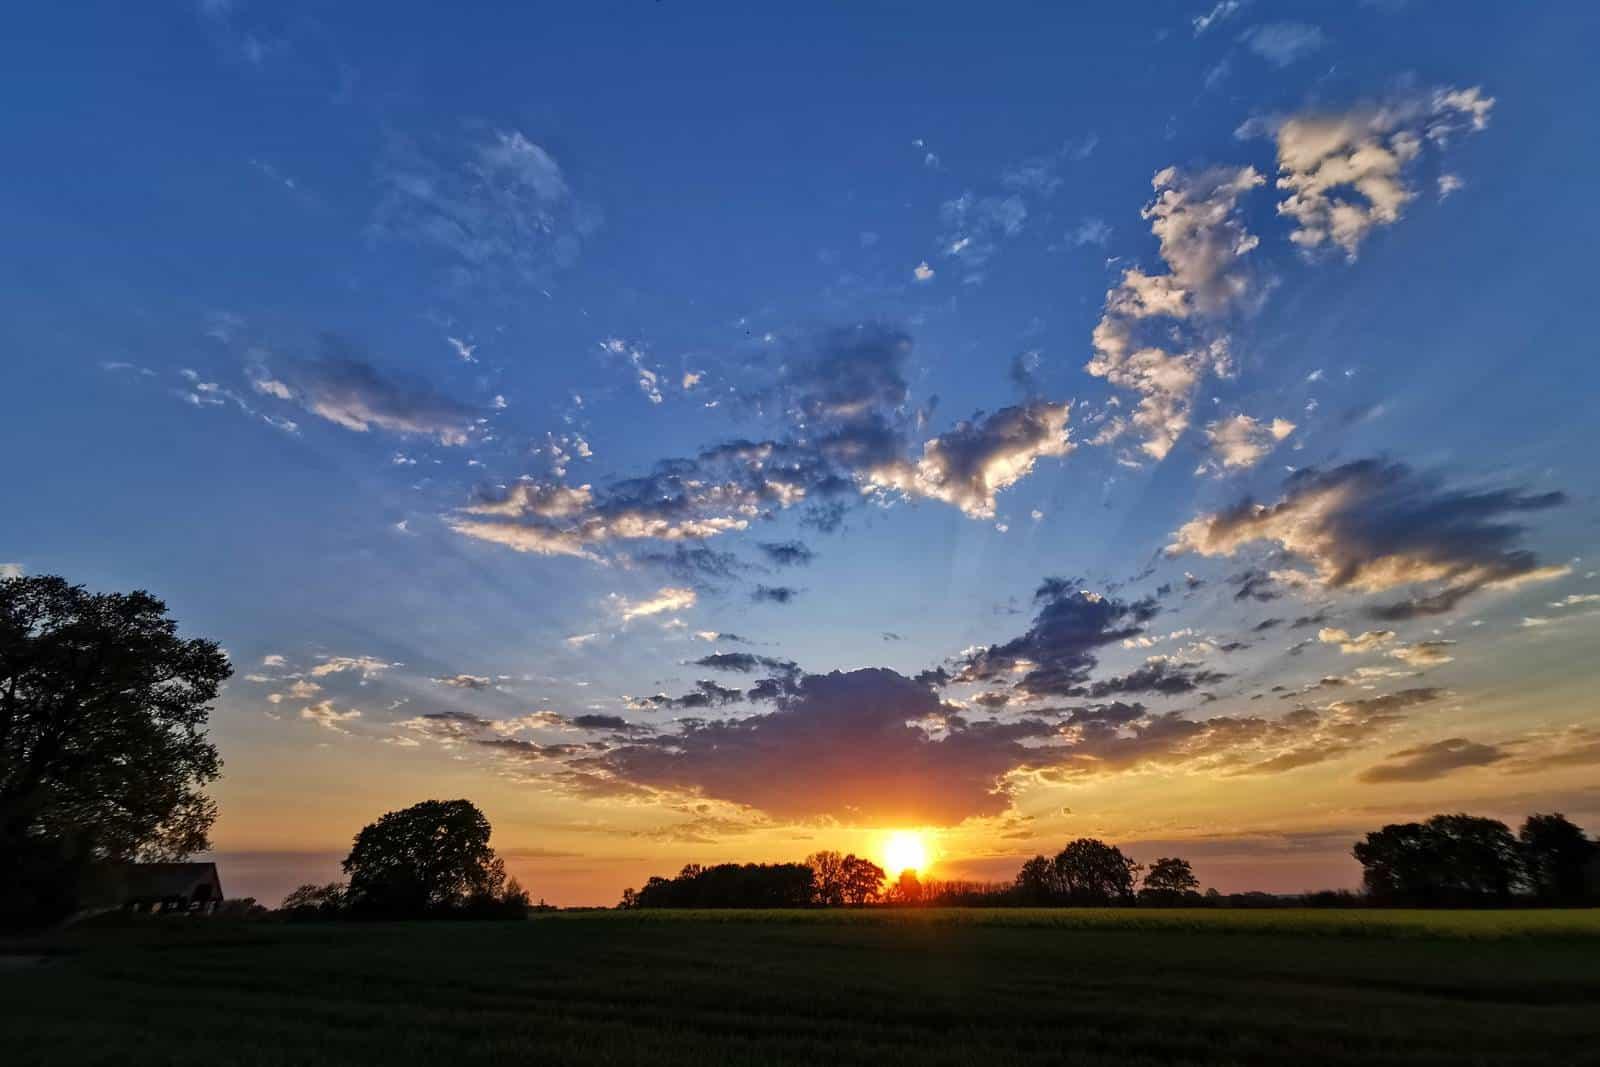 Magnifique coucher de soleil légèrement nuageux - gîte rural de Haute Forêt en Vallée du Loir